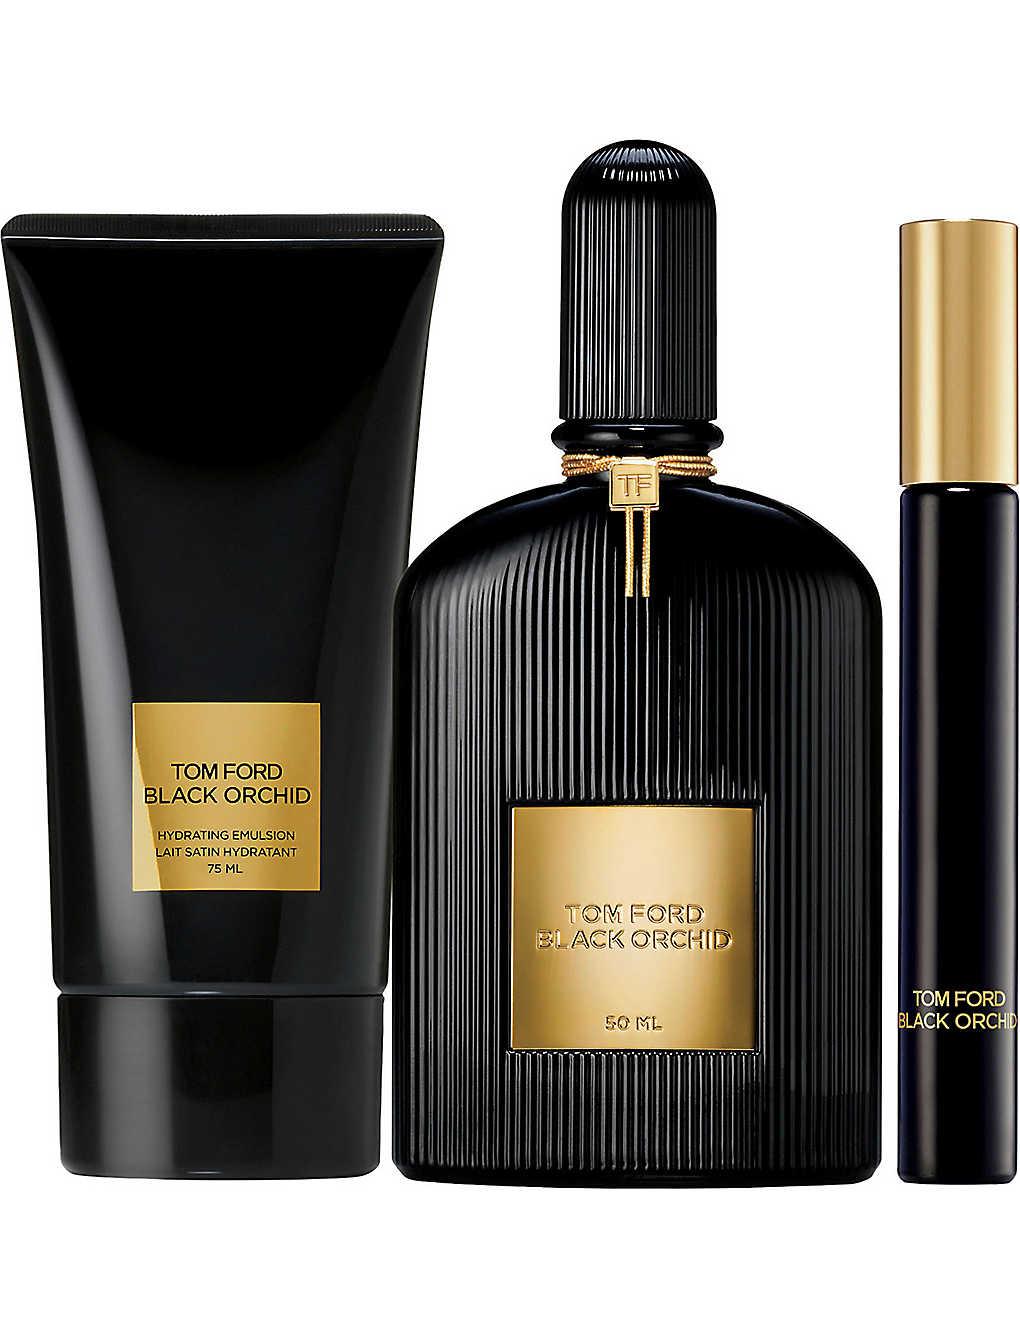 Tom Ford Black Orchid Eau De Parfum Collection Selfridgescom